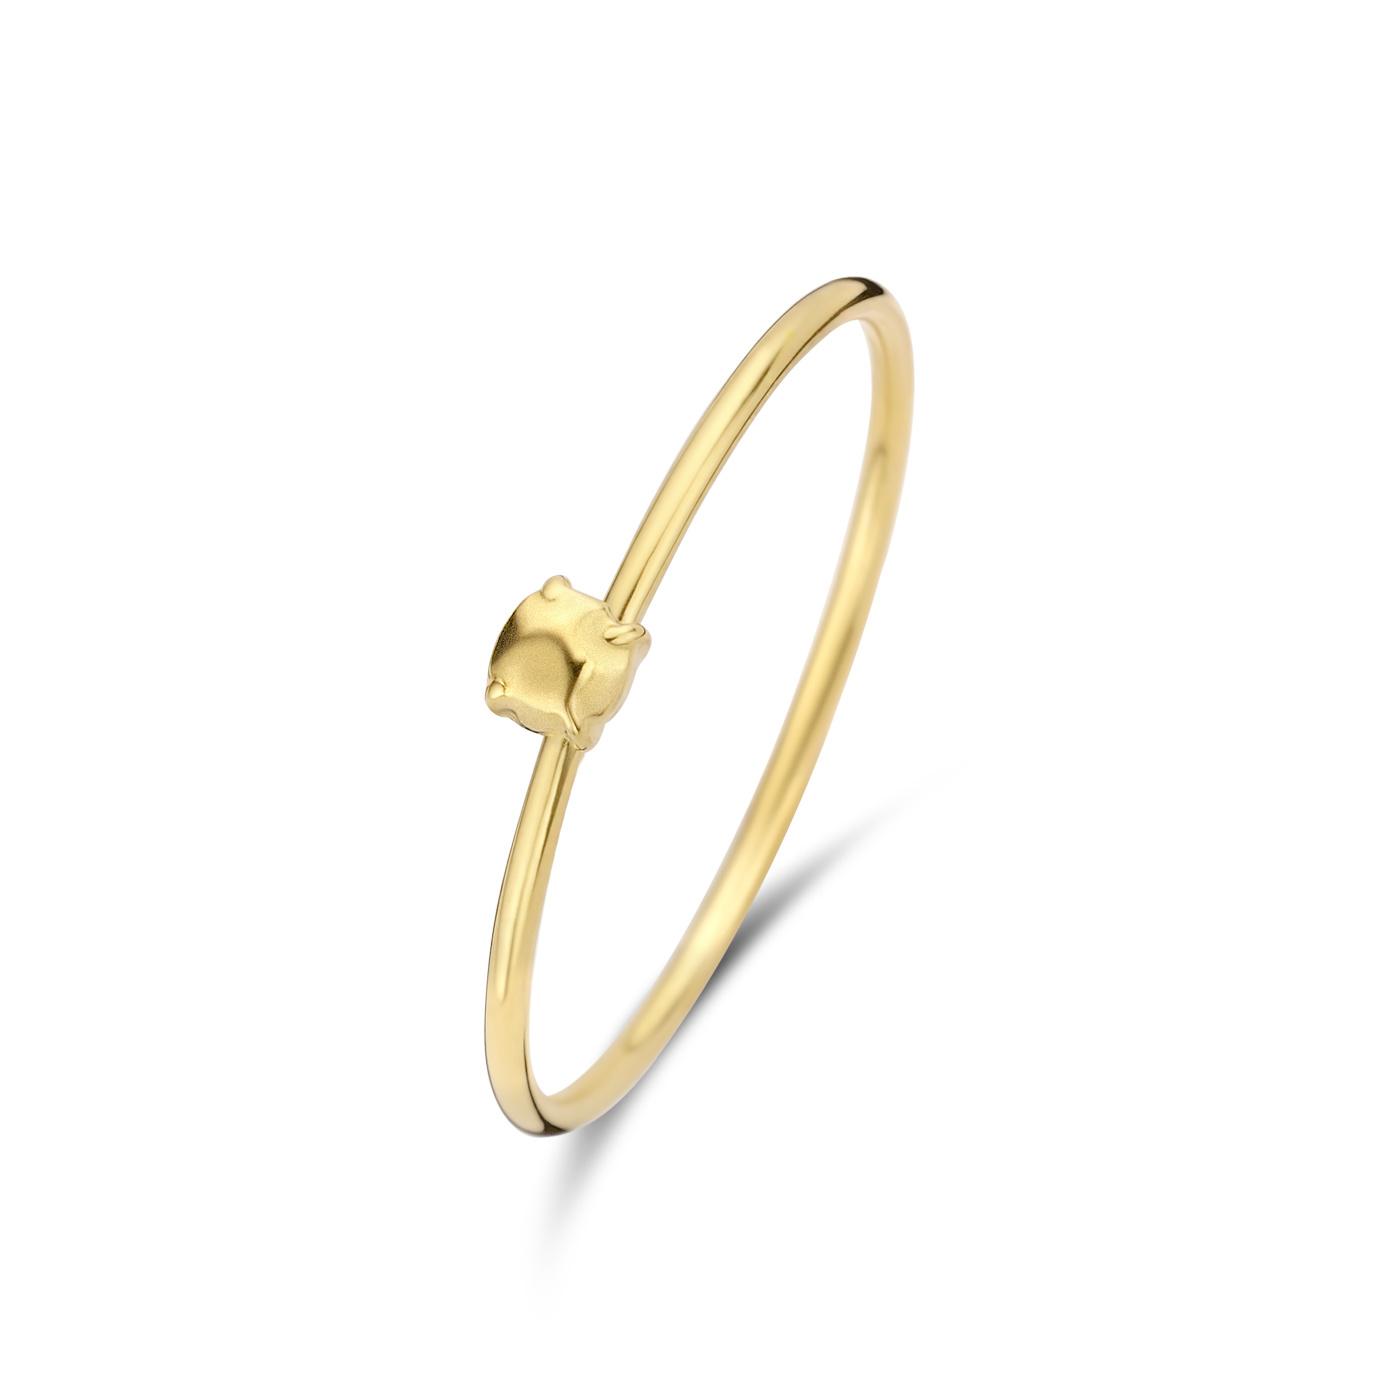 Violet Hamden Sisterhood guldfärgad ring i 925 sterlingsilver